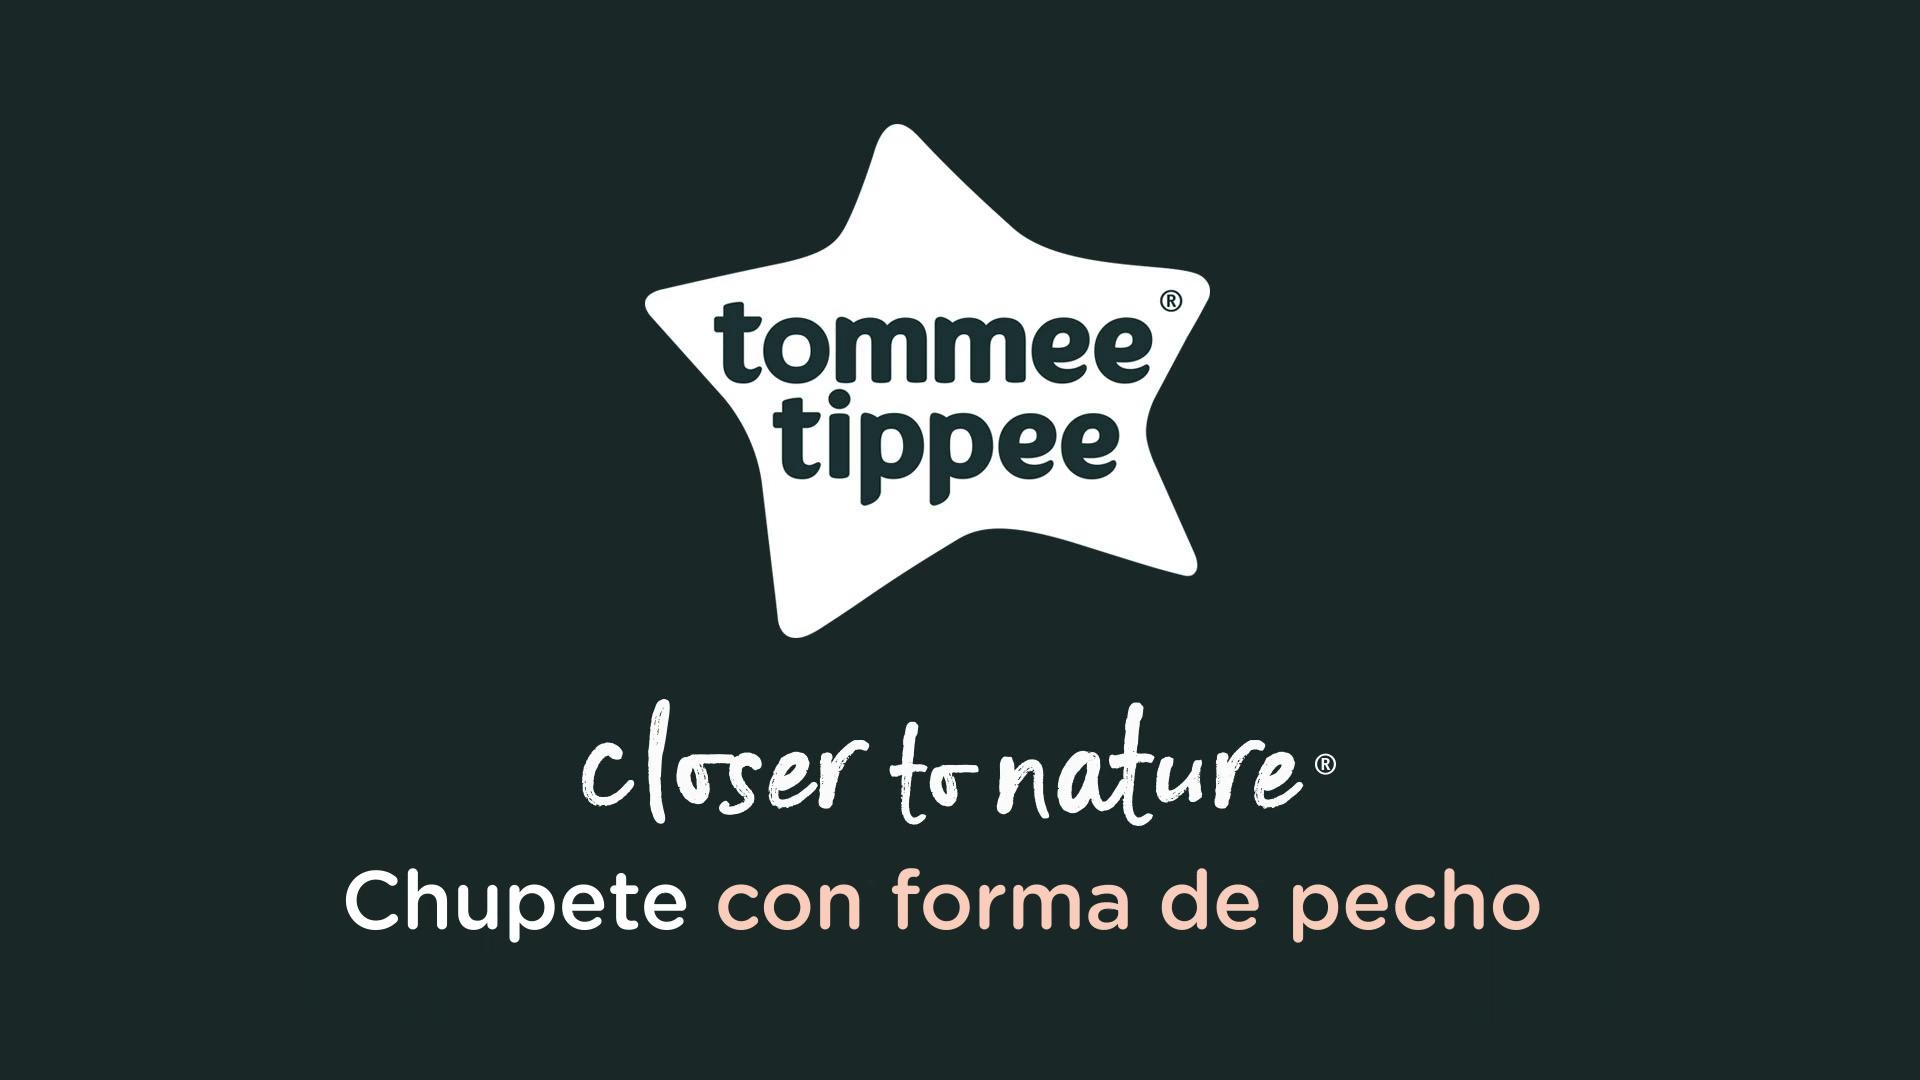 Tommee Tippee - Chupete con forma de pecho: Amazon.es: Bebé